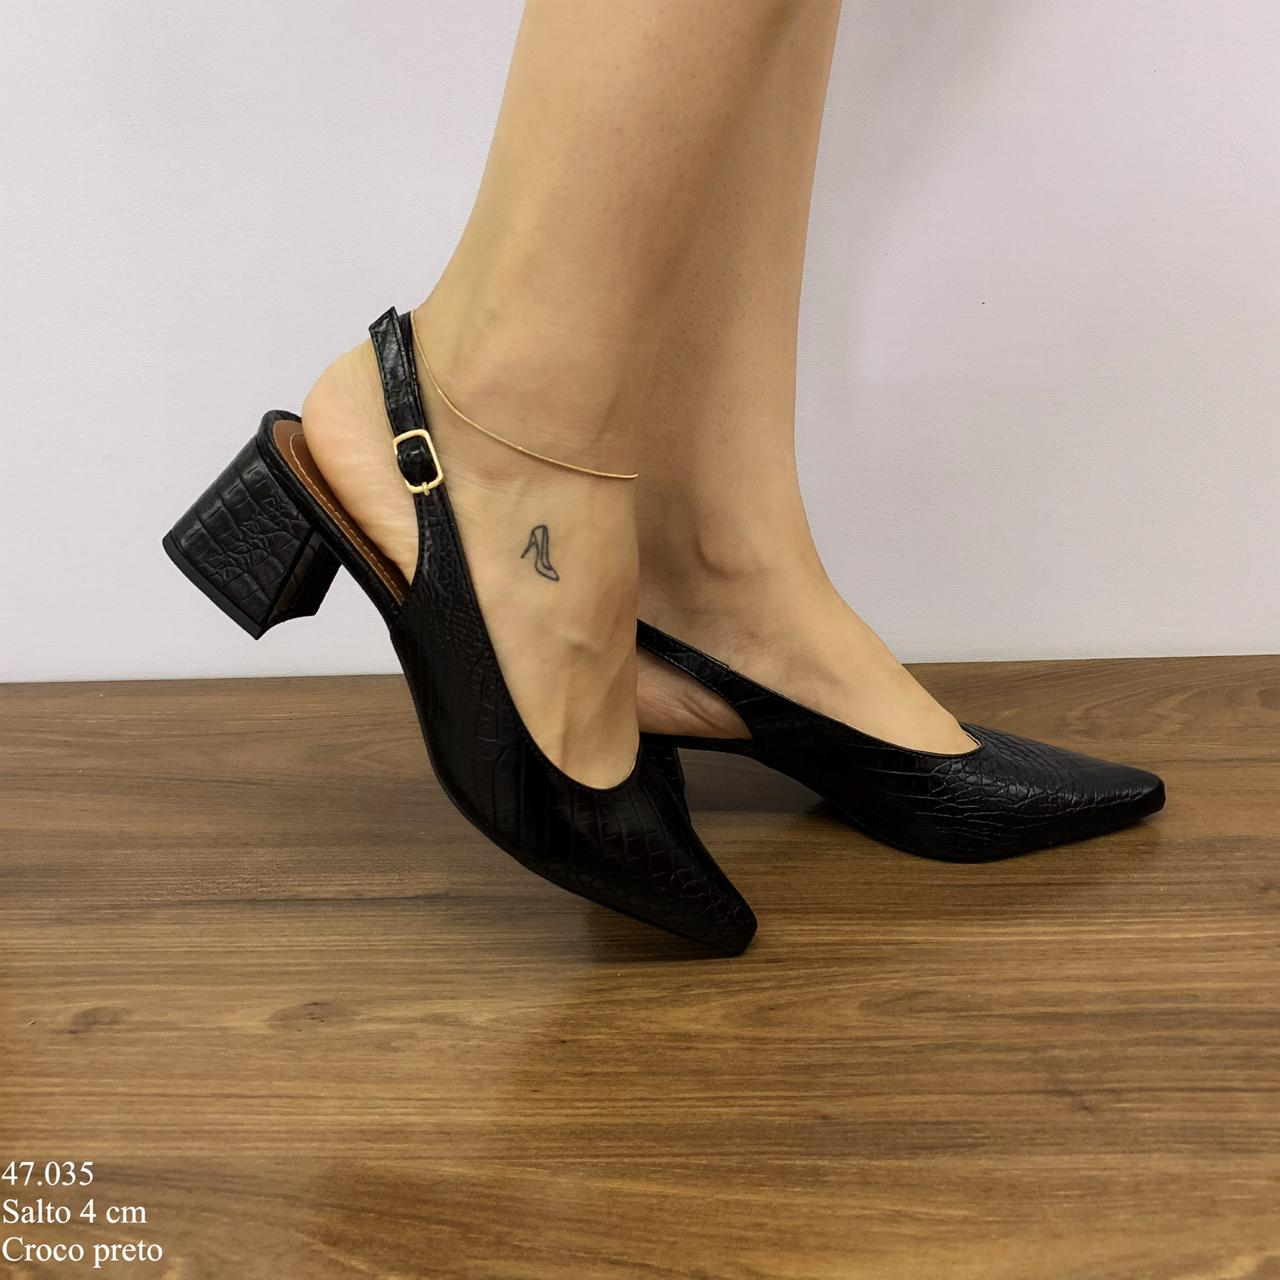 Scarpin Chanel Preto Croco | D-47.035